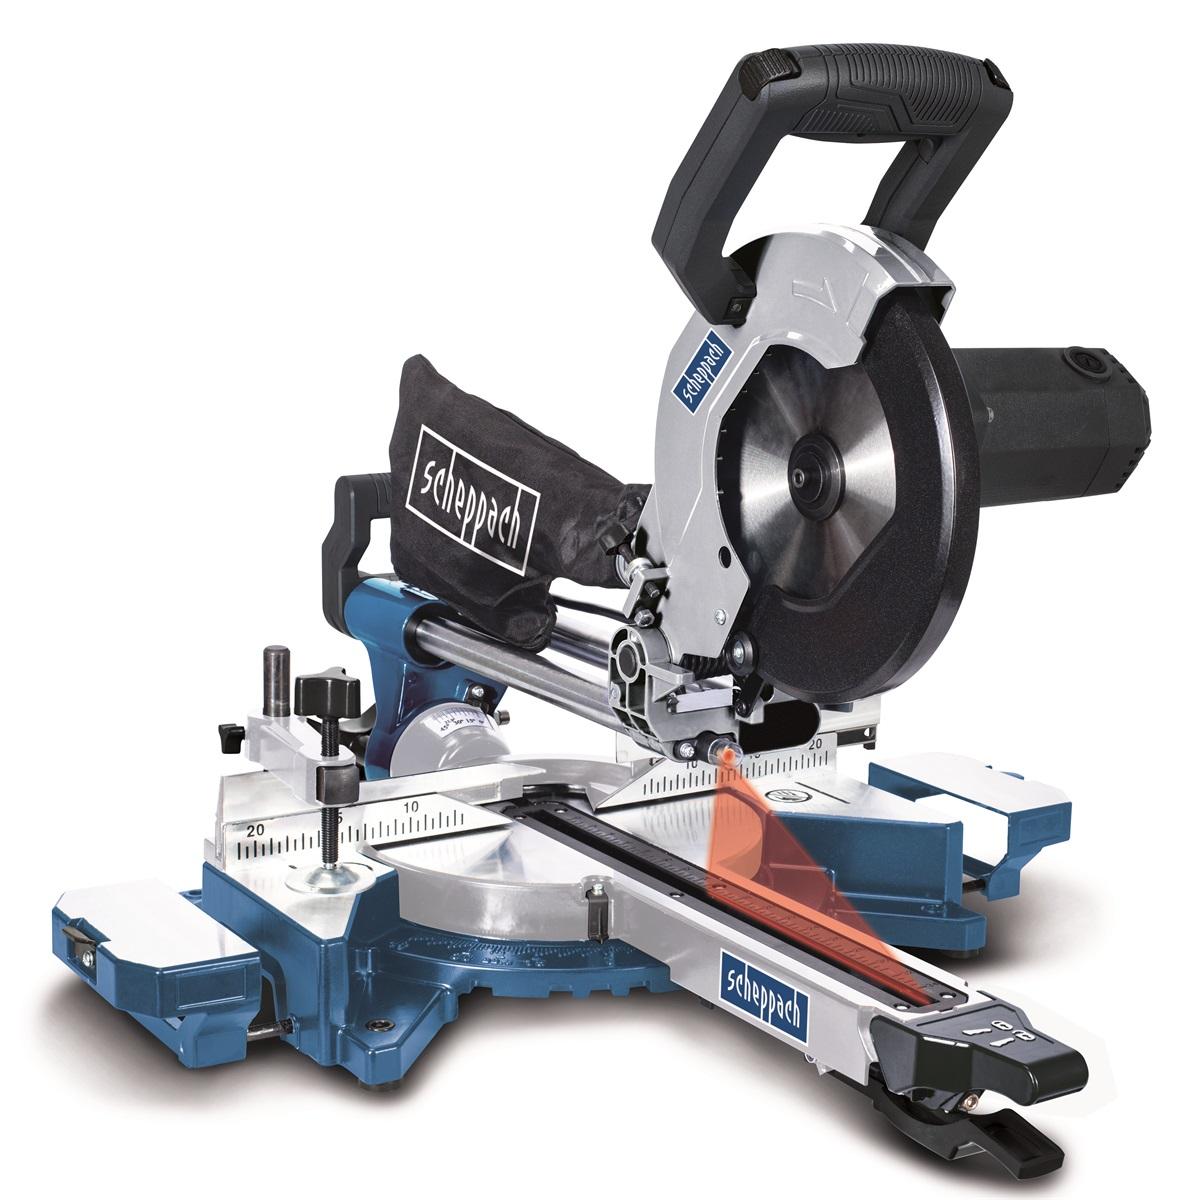 Scheppach HM 90 MP dvourychlostní multifunkční pokosová pila s potahem, laserem a LED osvětlením